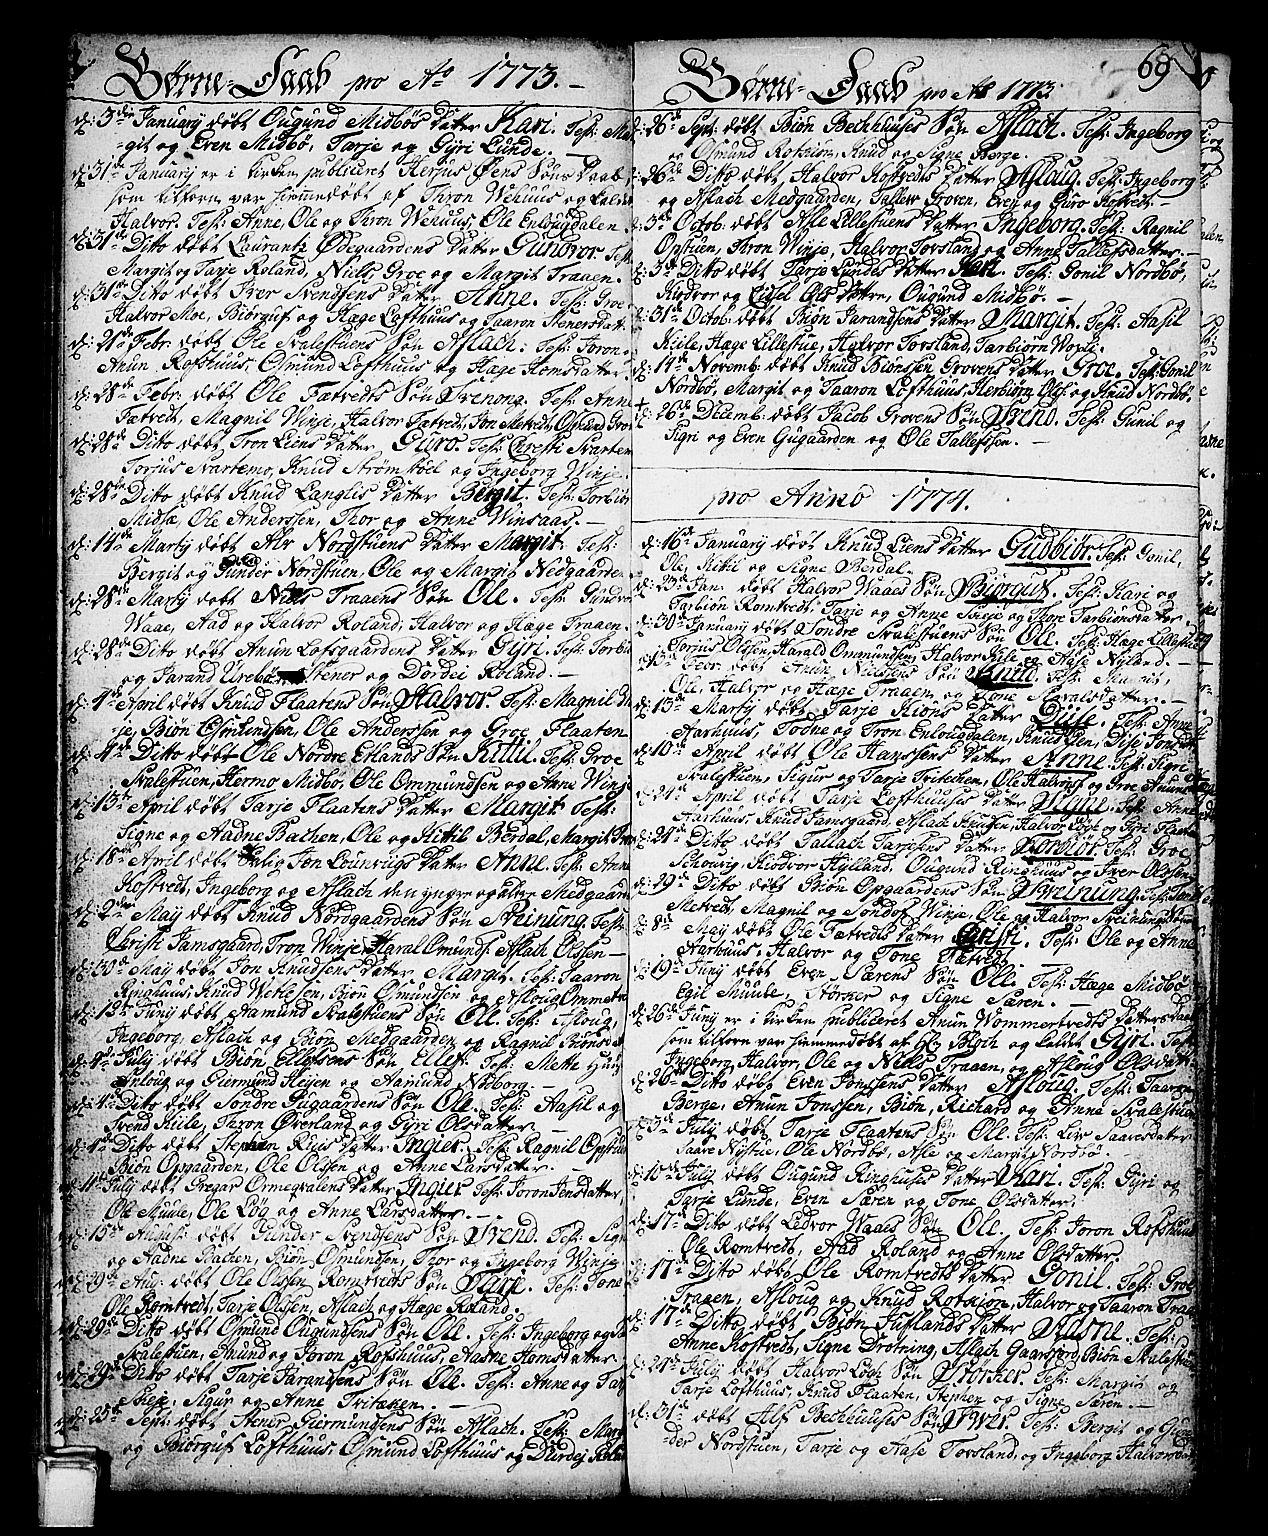 SAKO, Vinje kirkebøker, F/Fa/L0002: Ministerialbok nr. I 2, 1767-1814, s. 69